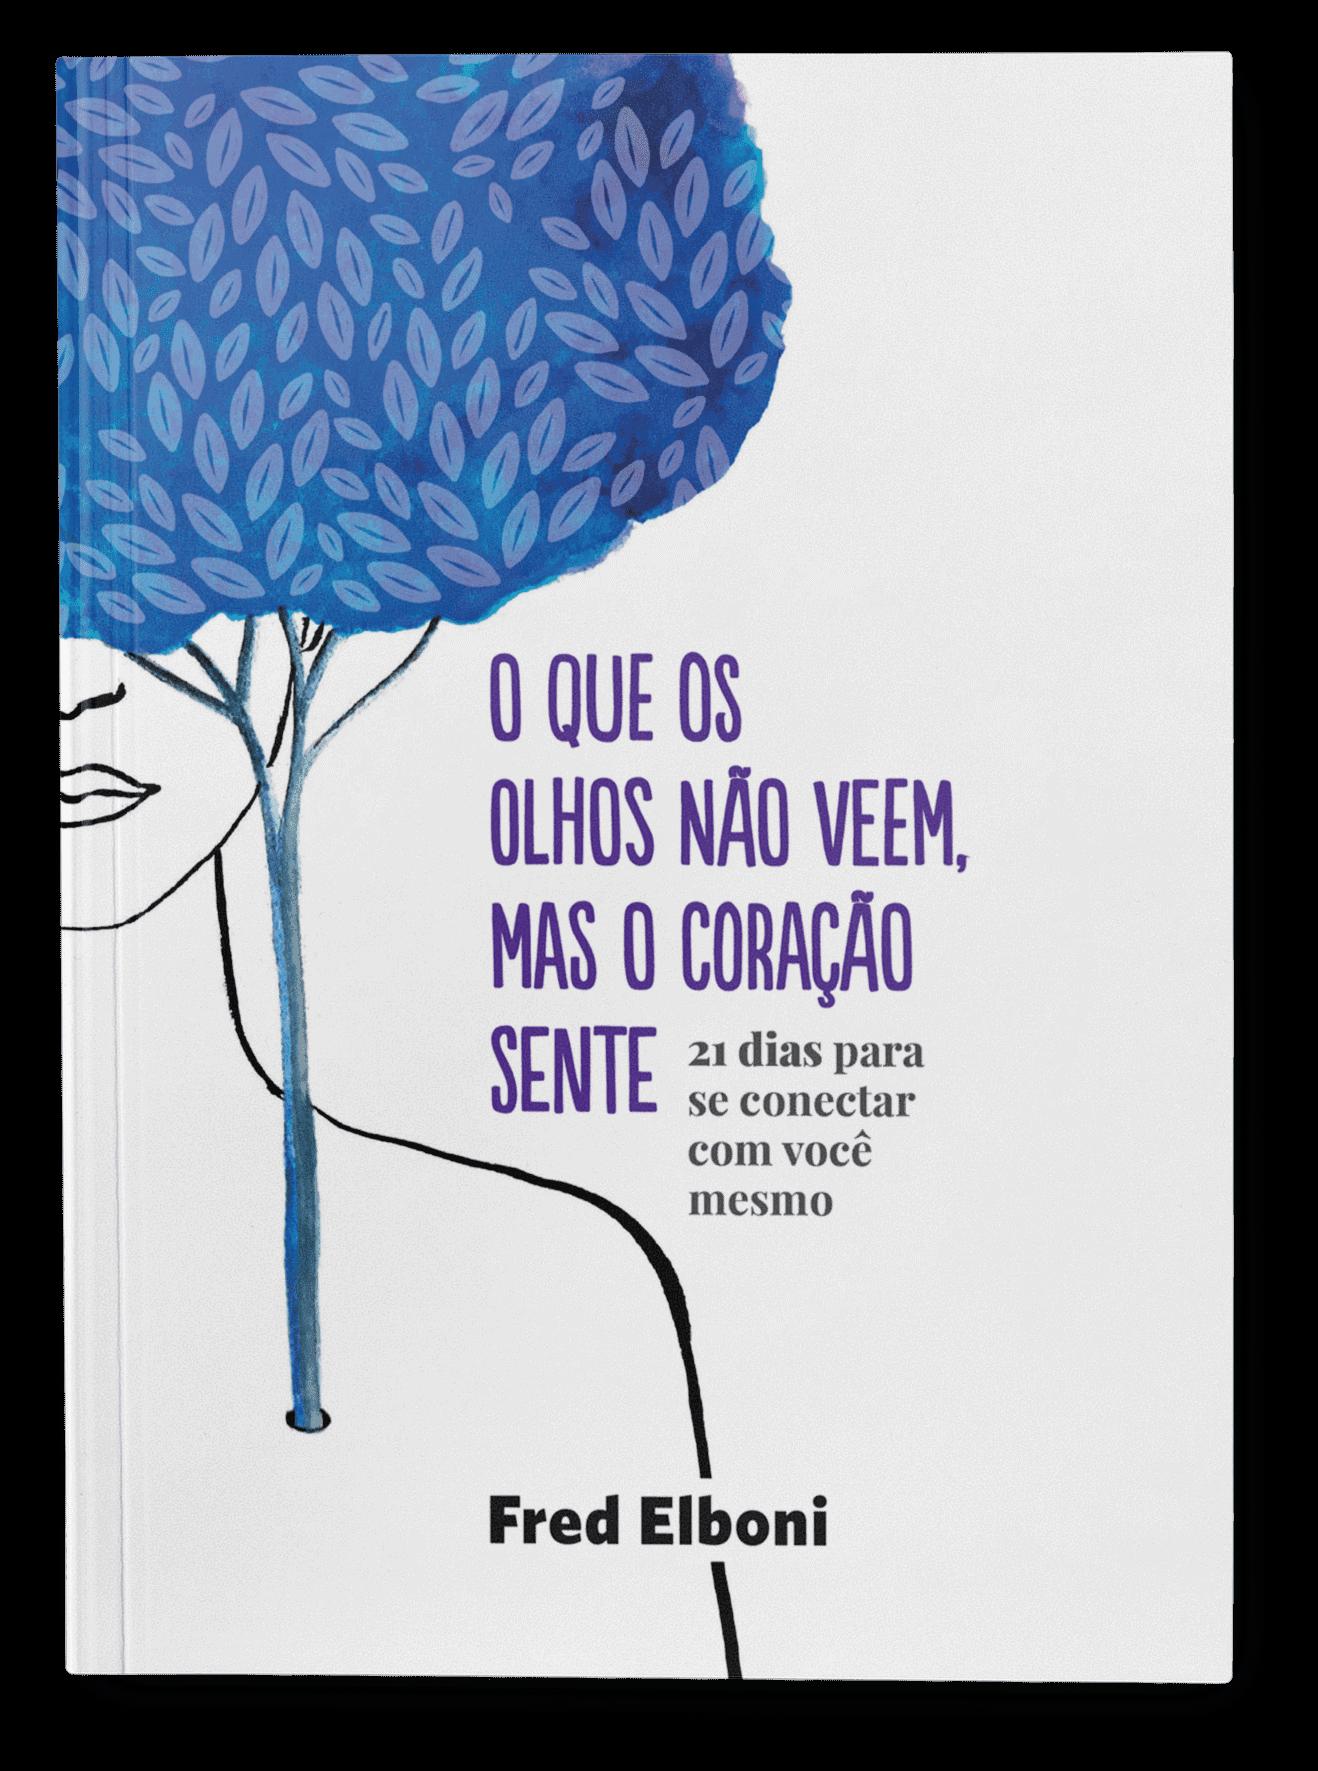 livro_oqueosolhos